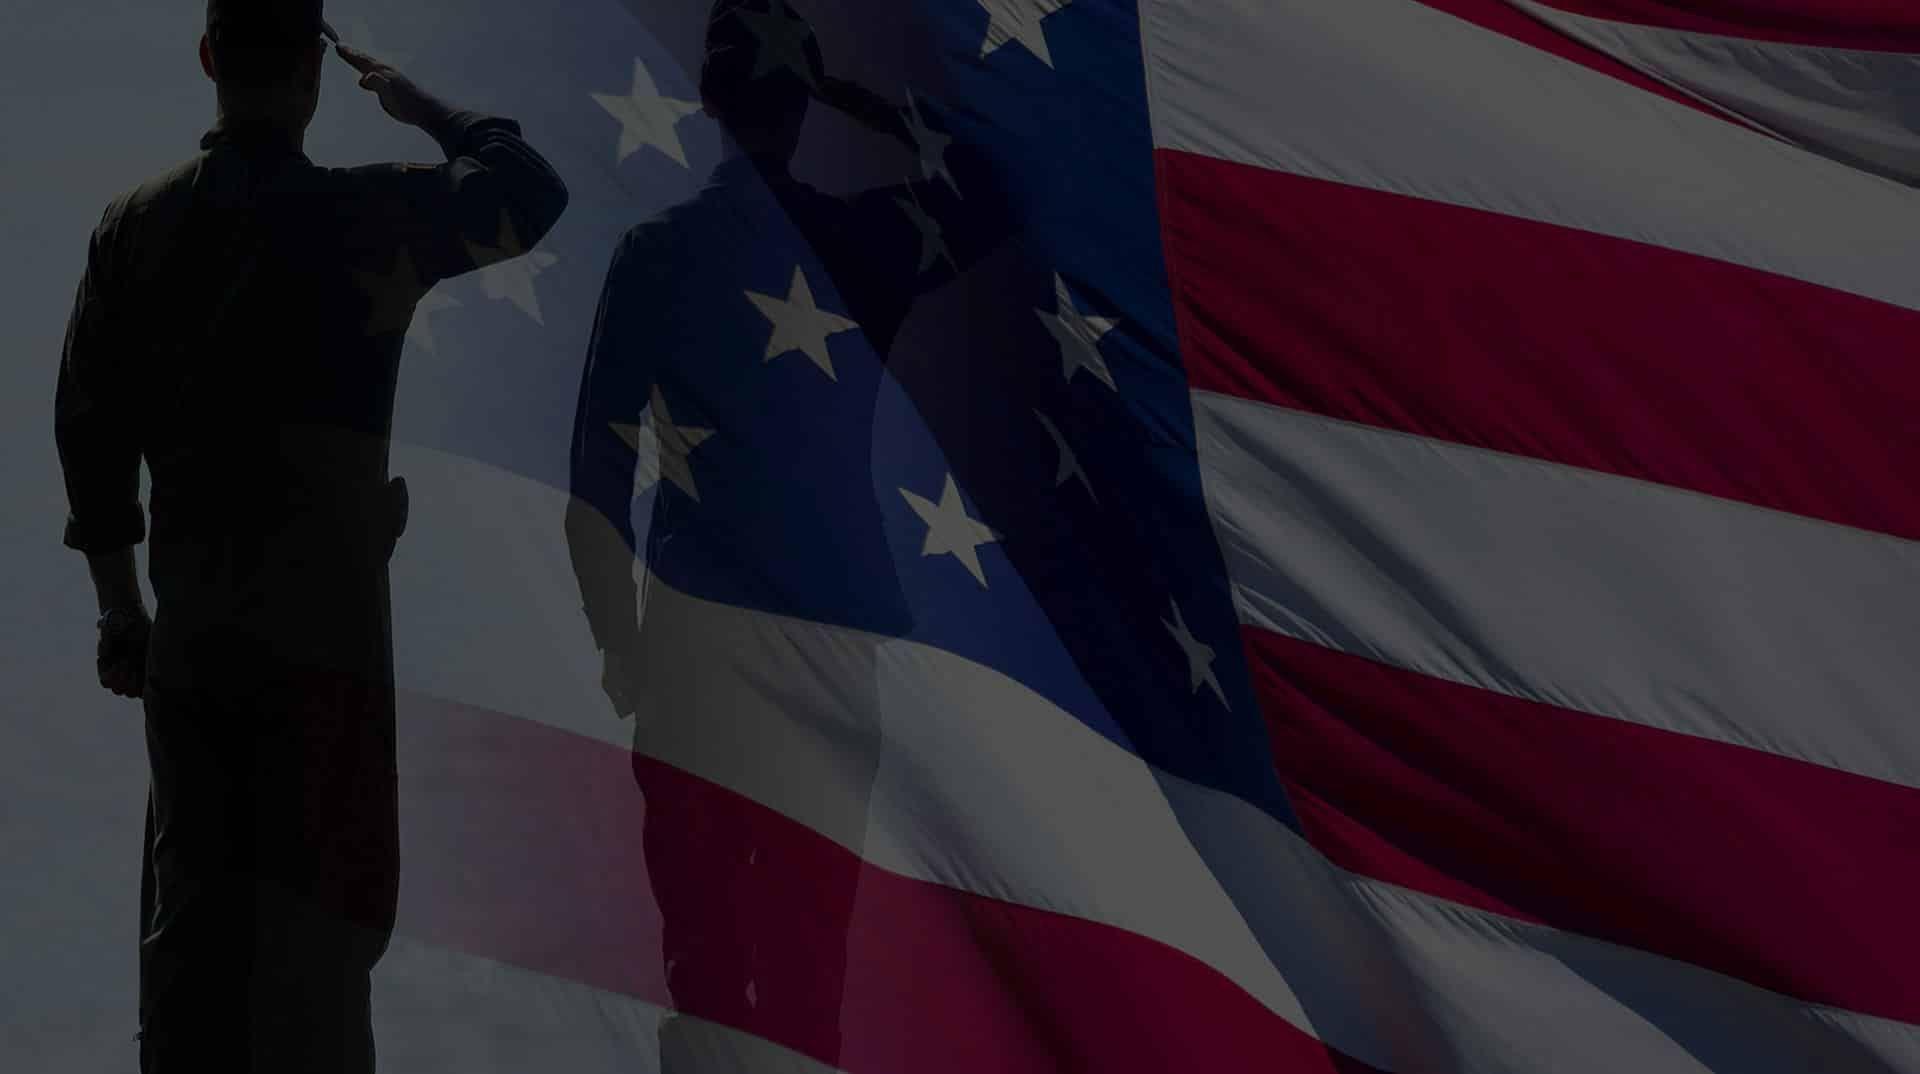 florida keys veterans mortgage, florida keys va mortgage, florida keys veterans loan, florida keys va loans